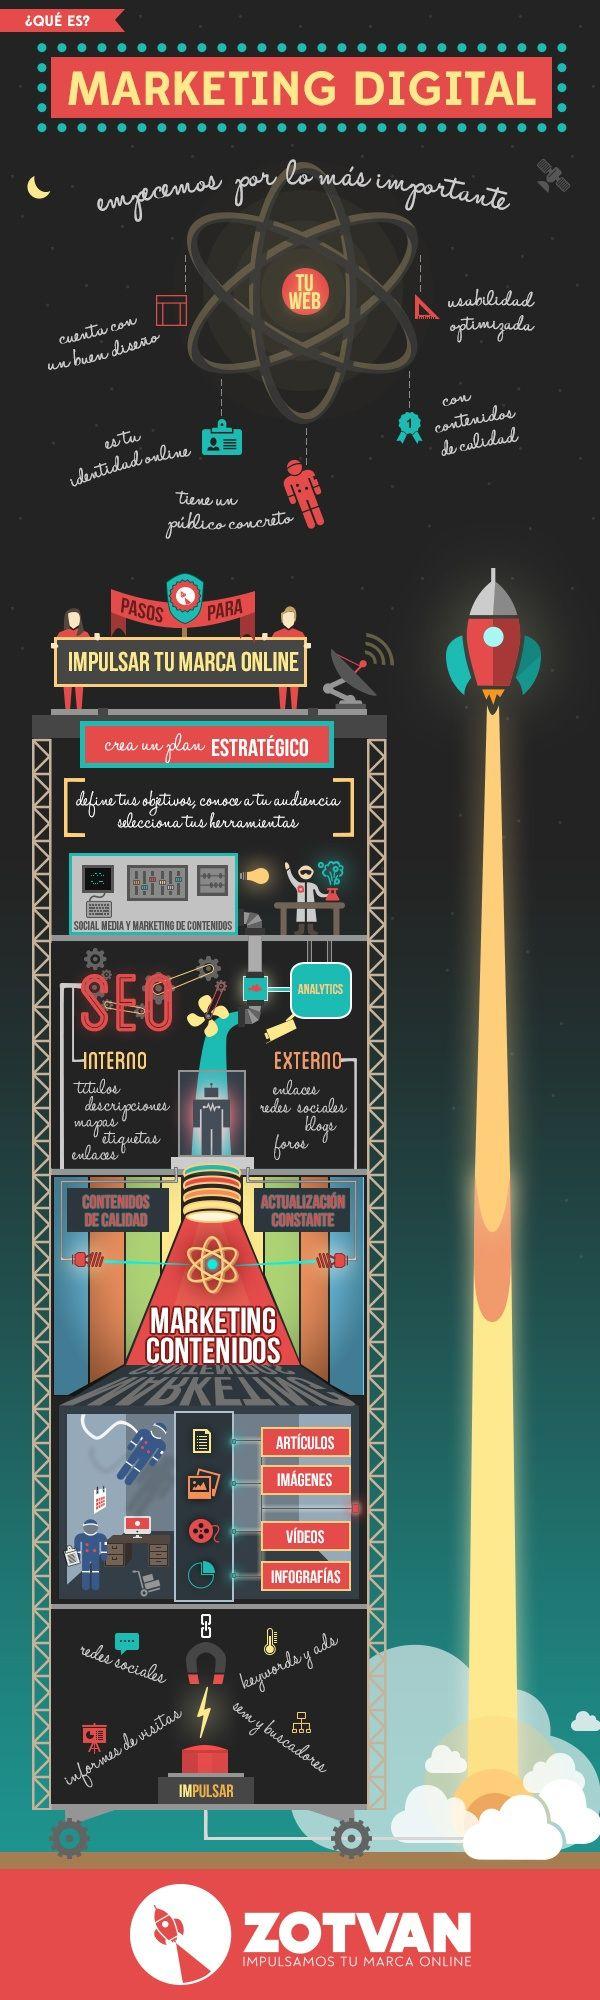 ¿Que Es El #MarketingDigital? #Infografia